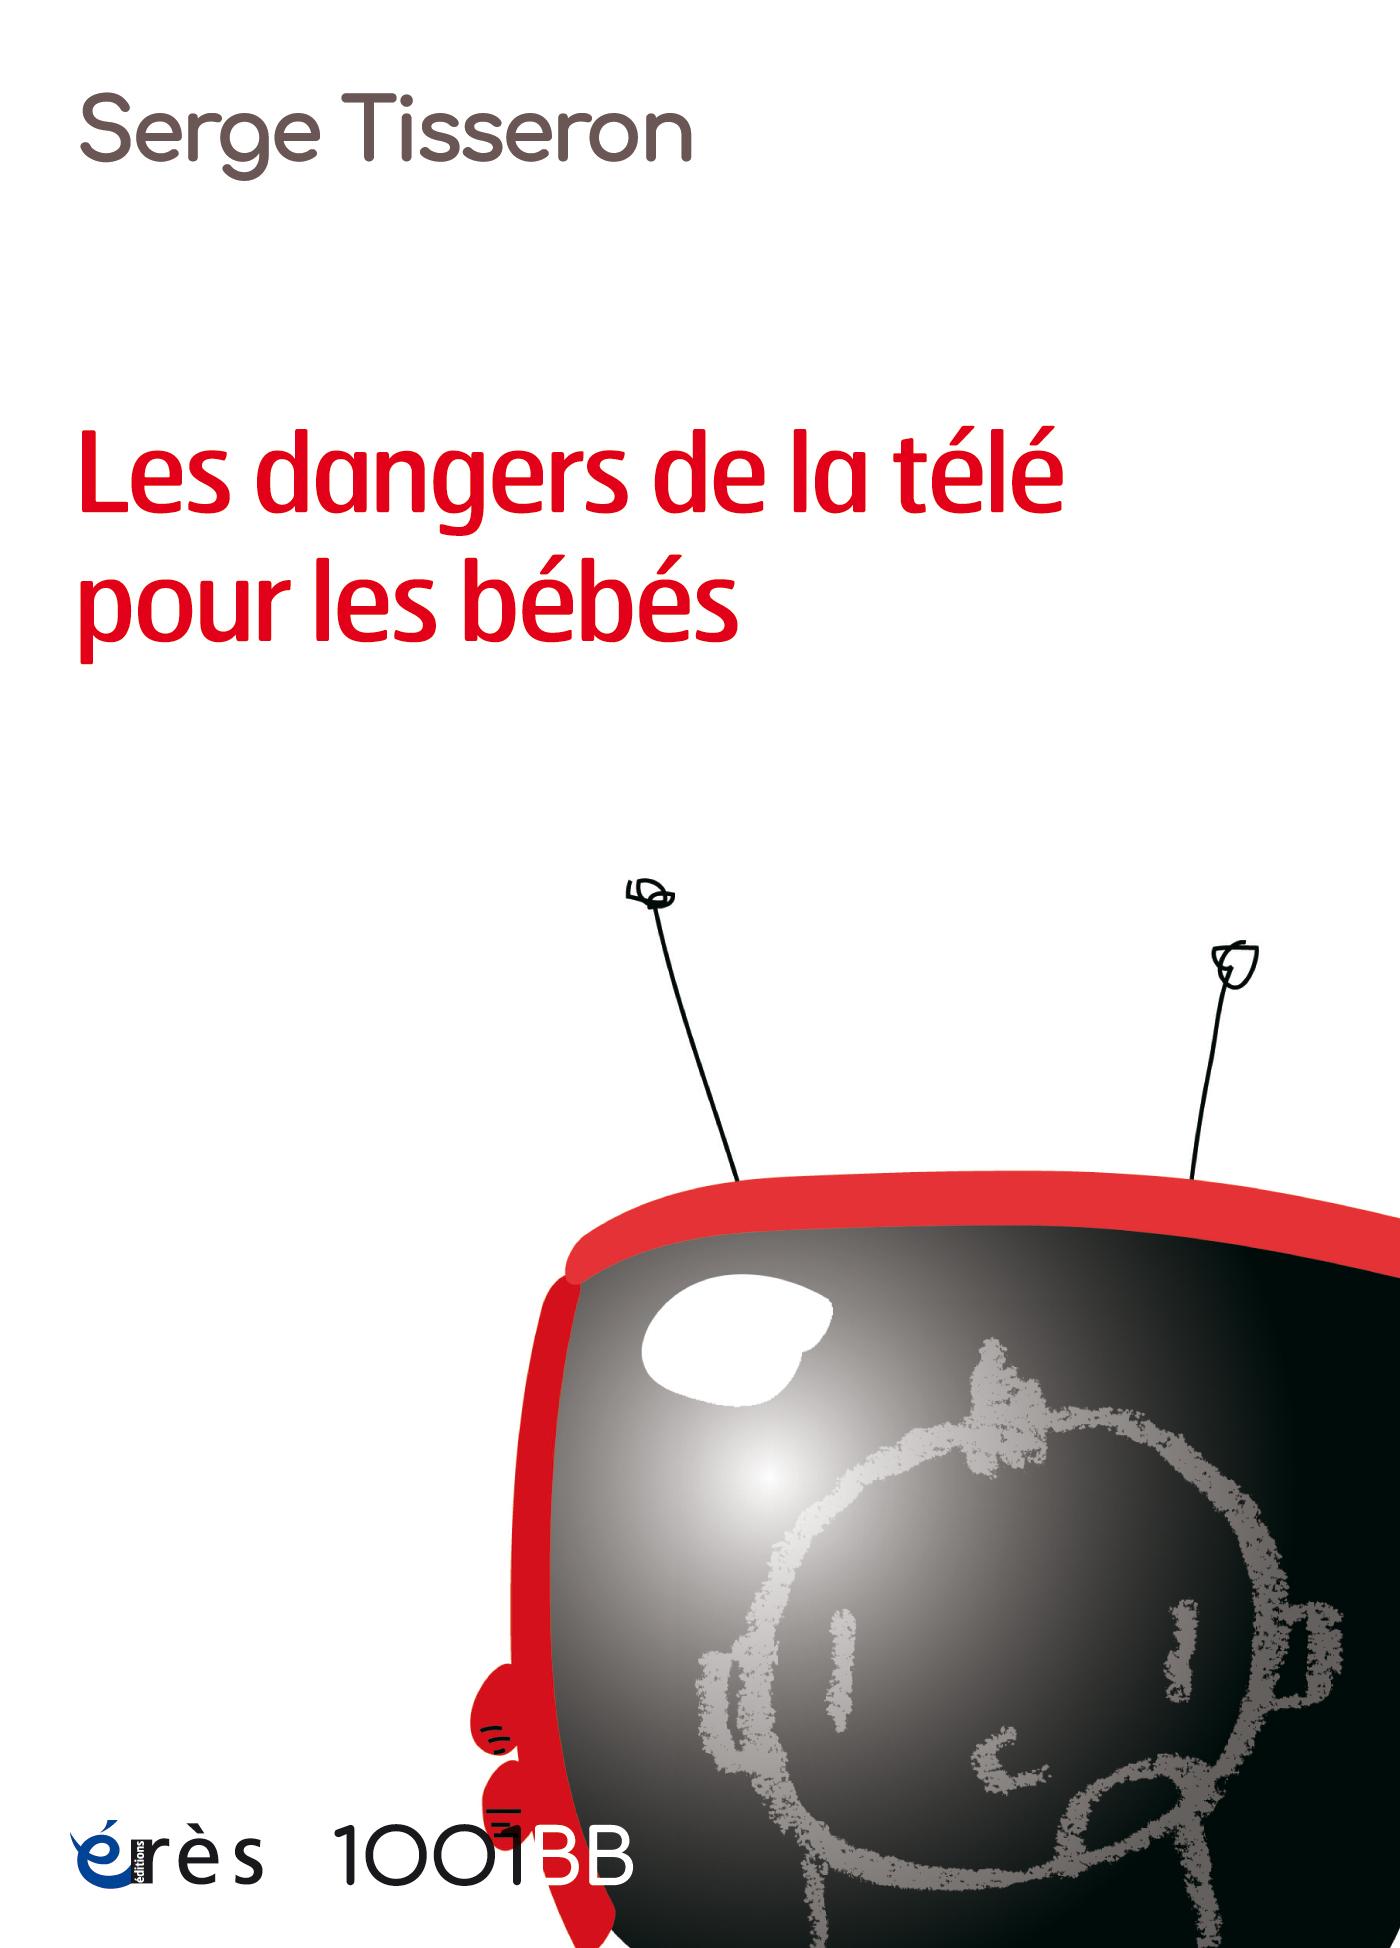 Les écrans Sont Dangereux Pour Les Enfants Oui Mais